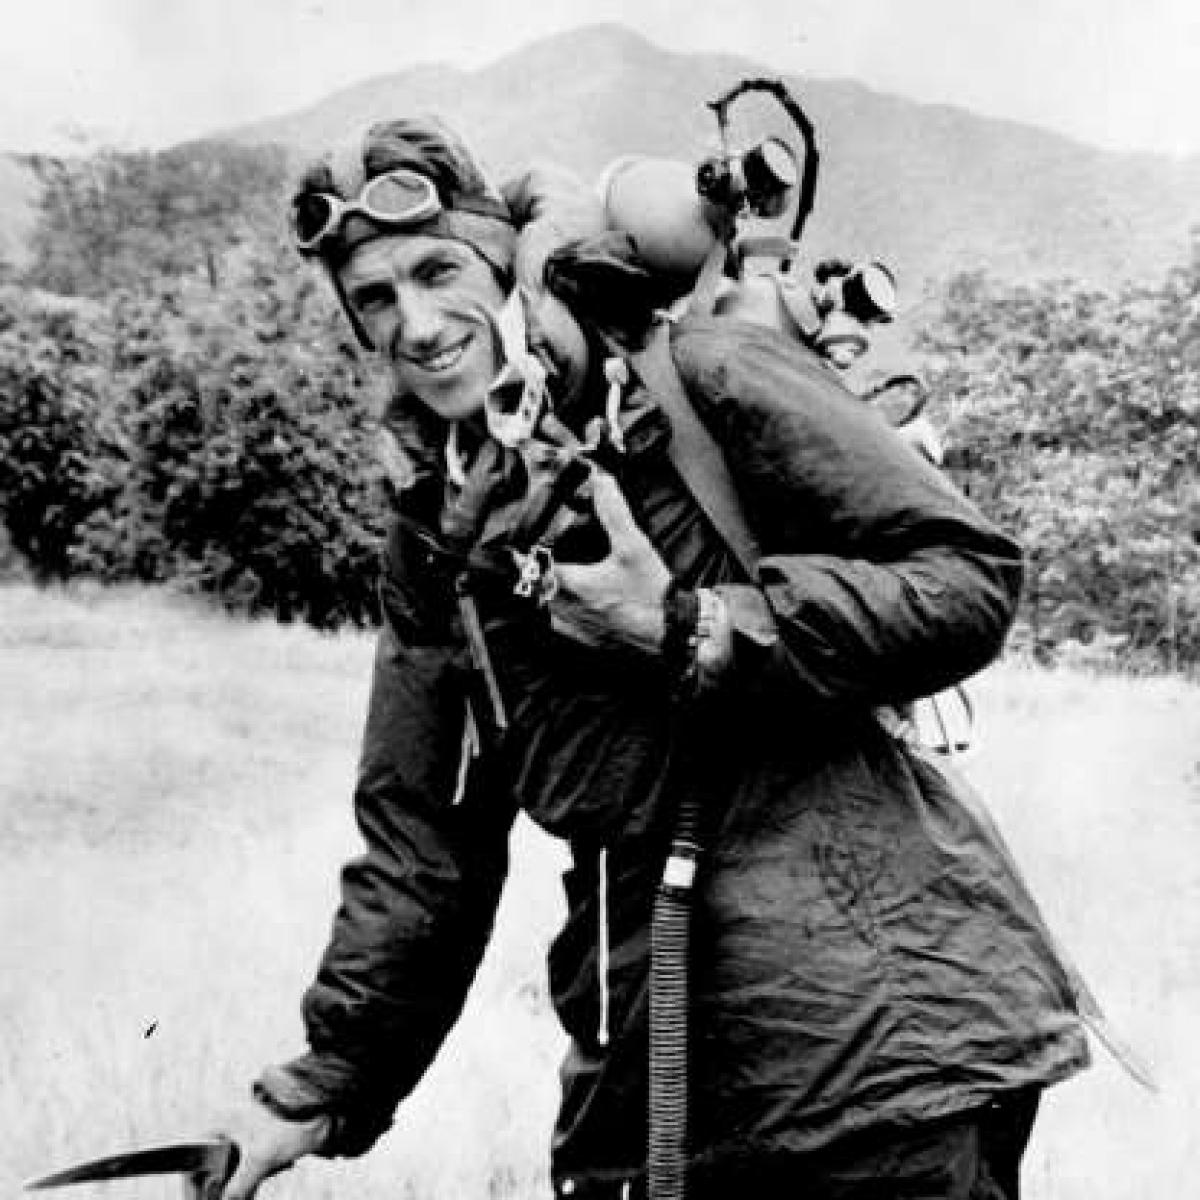 Nhà leo núi Edmund Hillary đã có chuyến leo núi đầu tiên thành công ở tuổi 20 khi chinh phục được ngọn núi Oliver ở South Island của New Zealand. Năm 1953, anh đã ghi tên mình trong lịch sử khi chinh phục thành công ngọn núi cao nhất thế giới - Everest